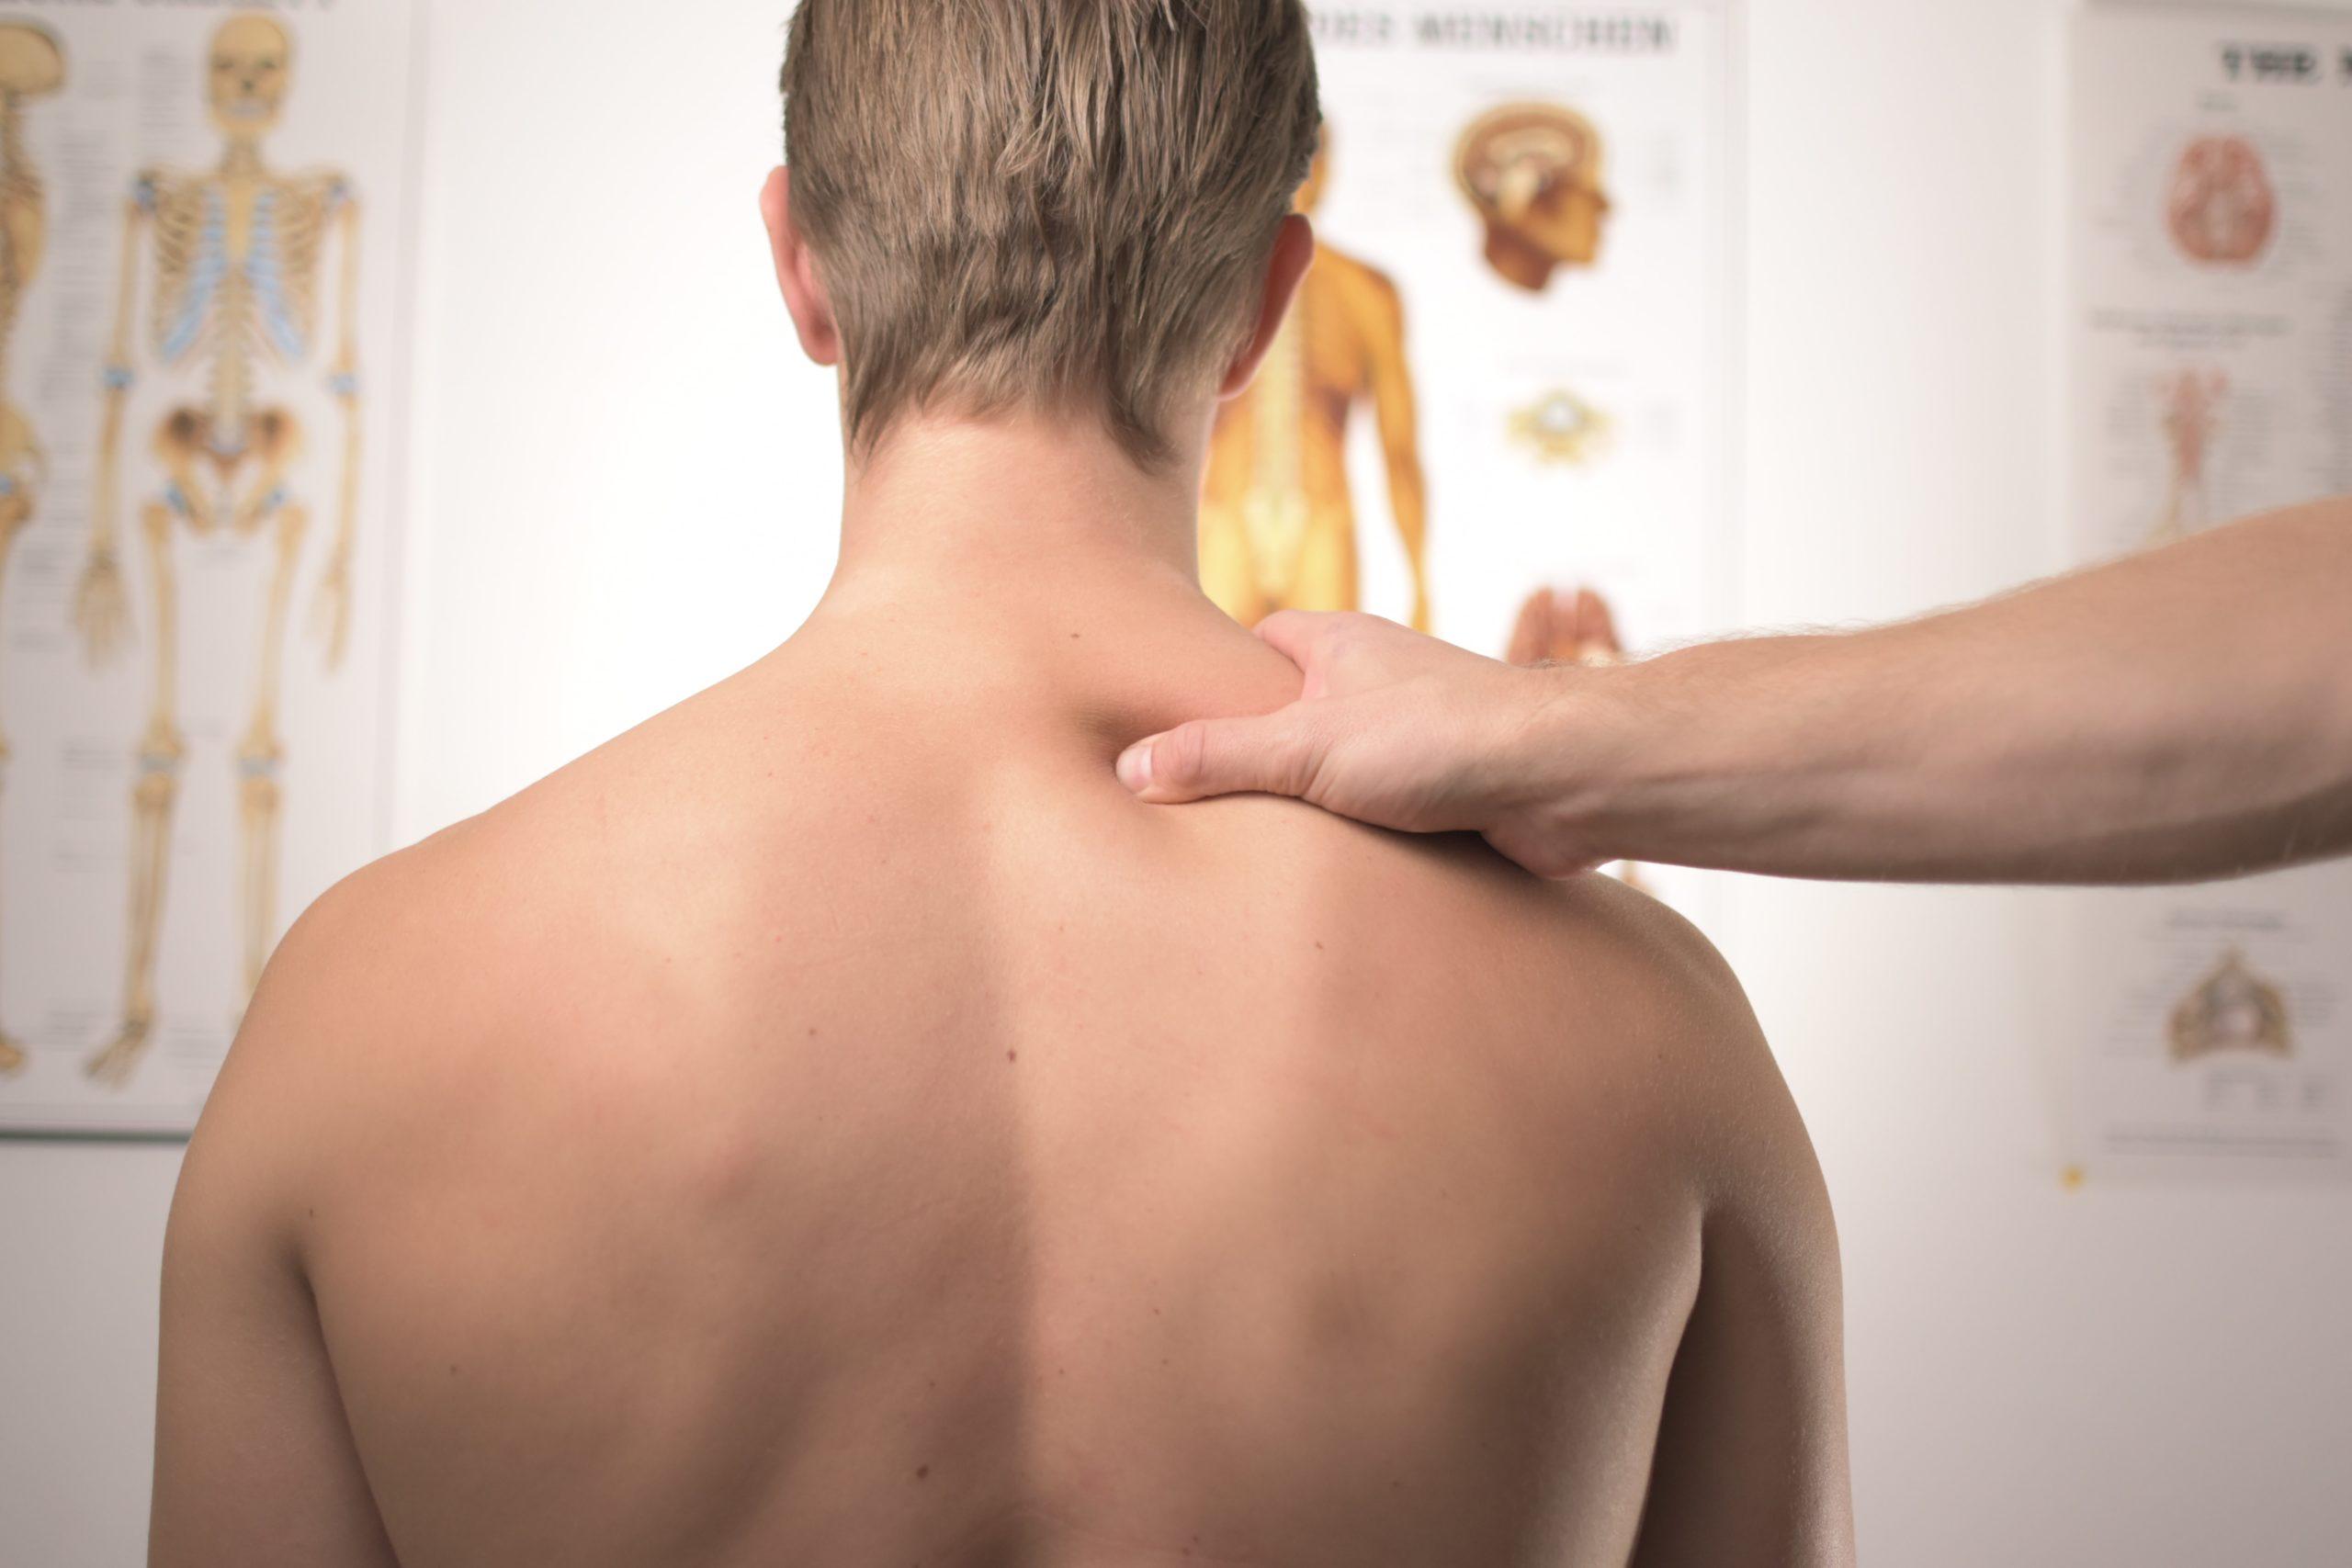 man's shoulders in doctor's office